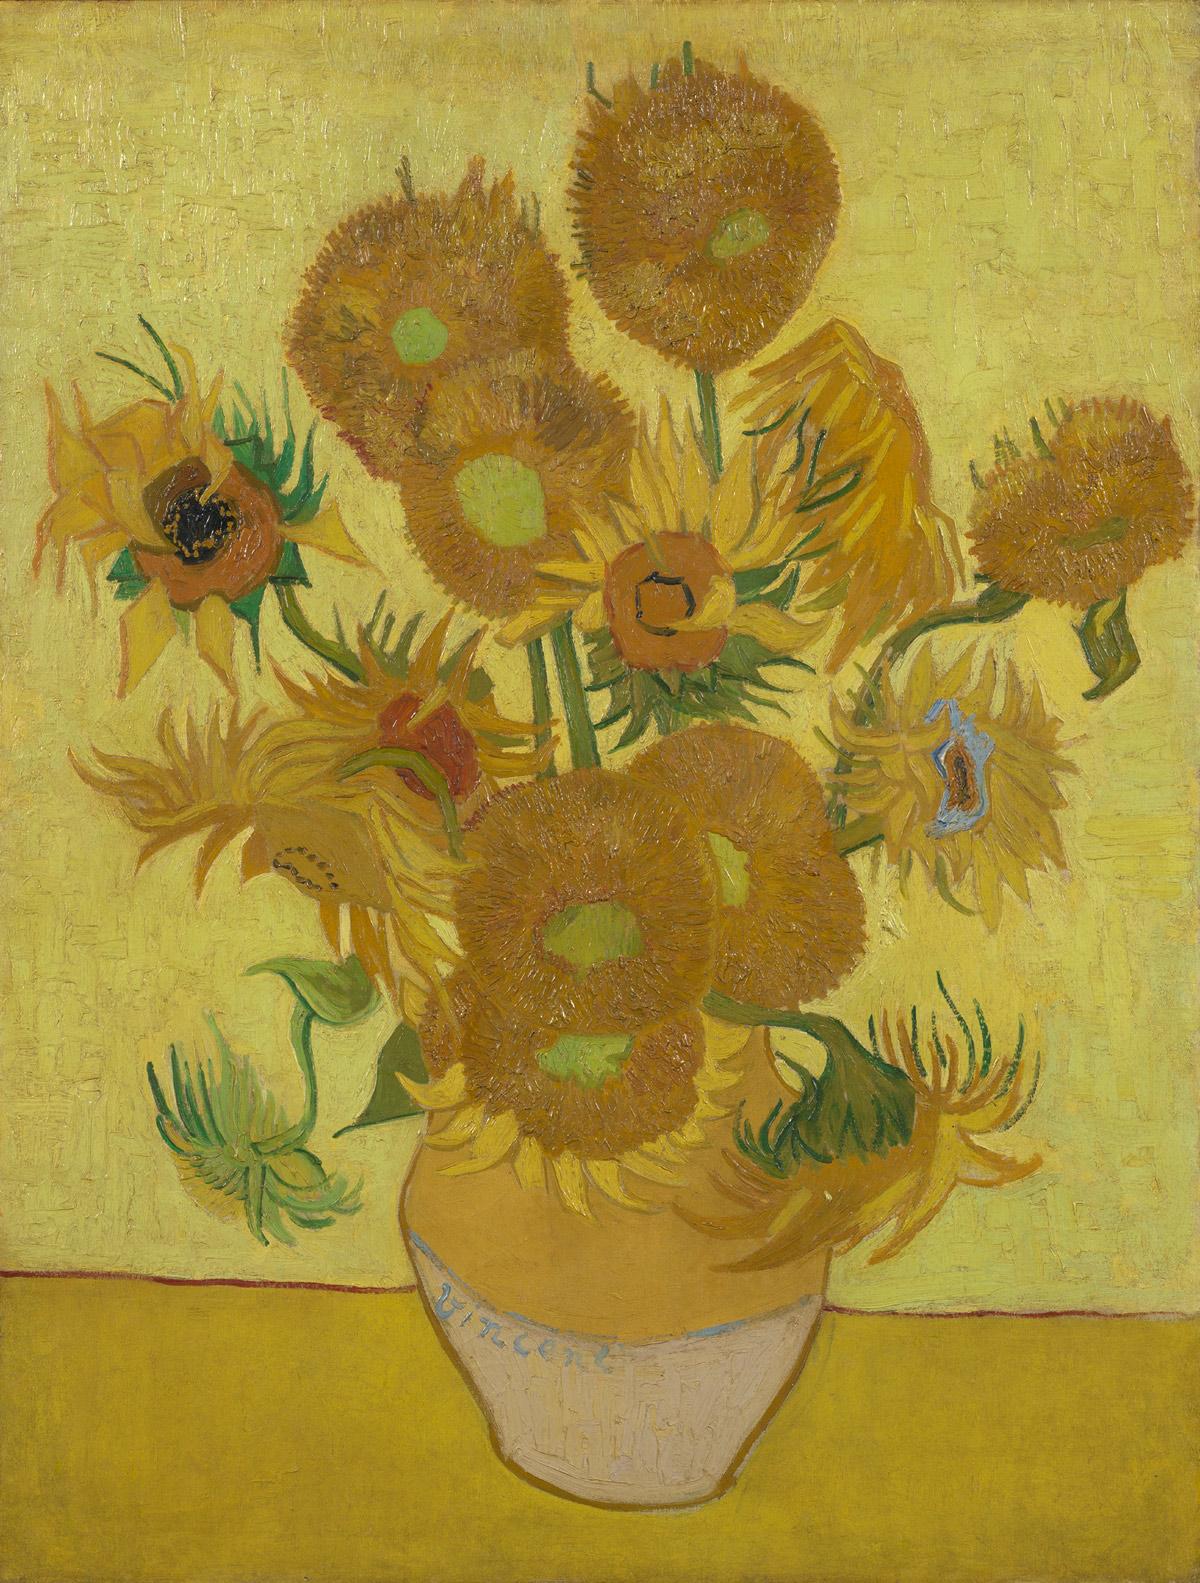 Nuovi studi sui Girasoli di van Gogh (e c'è anche un po' di Italia): sono un'opera fragilissima